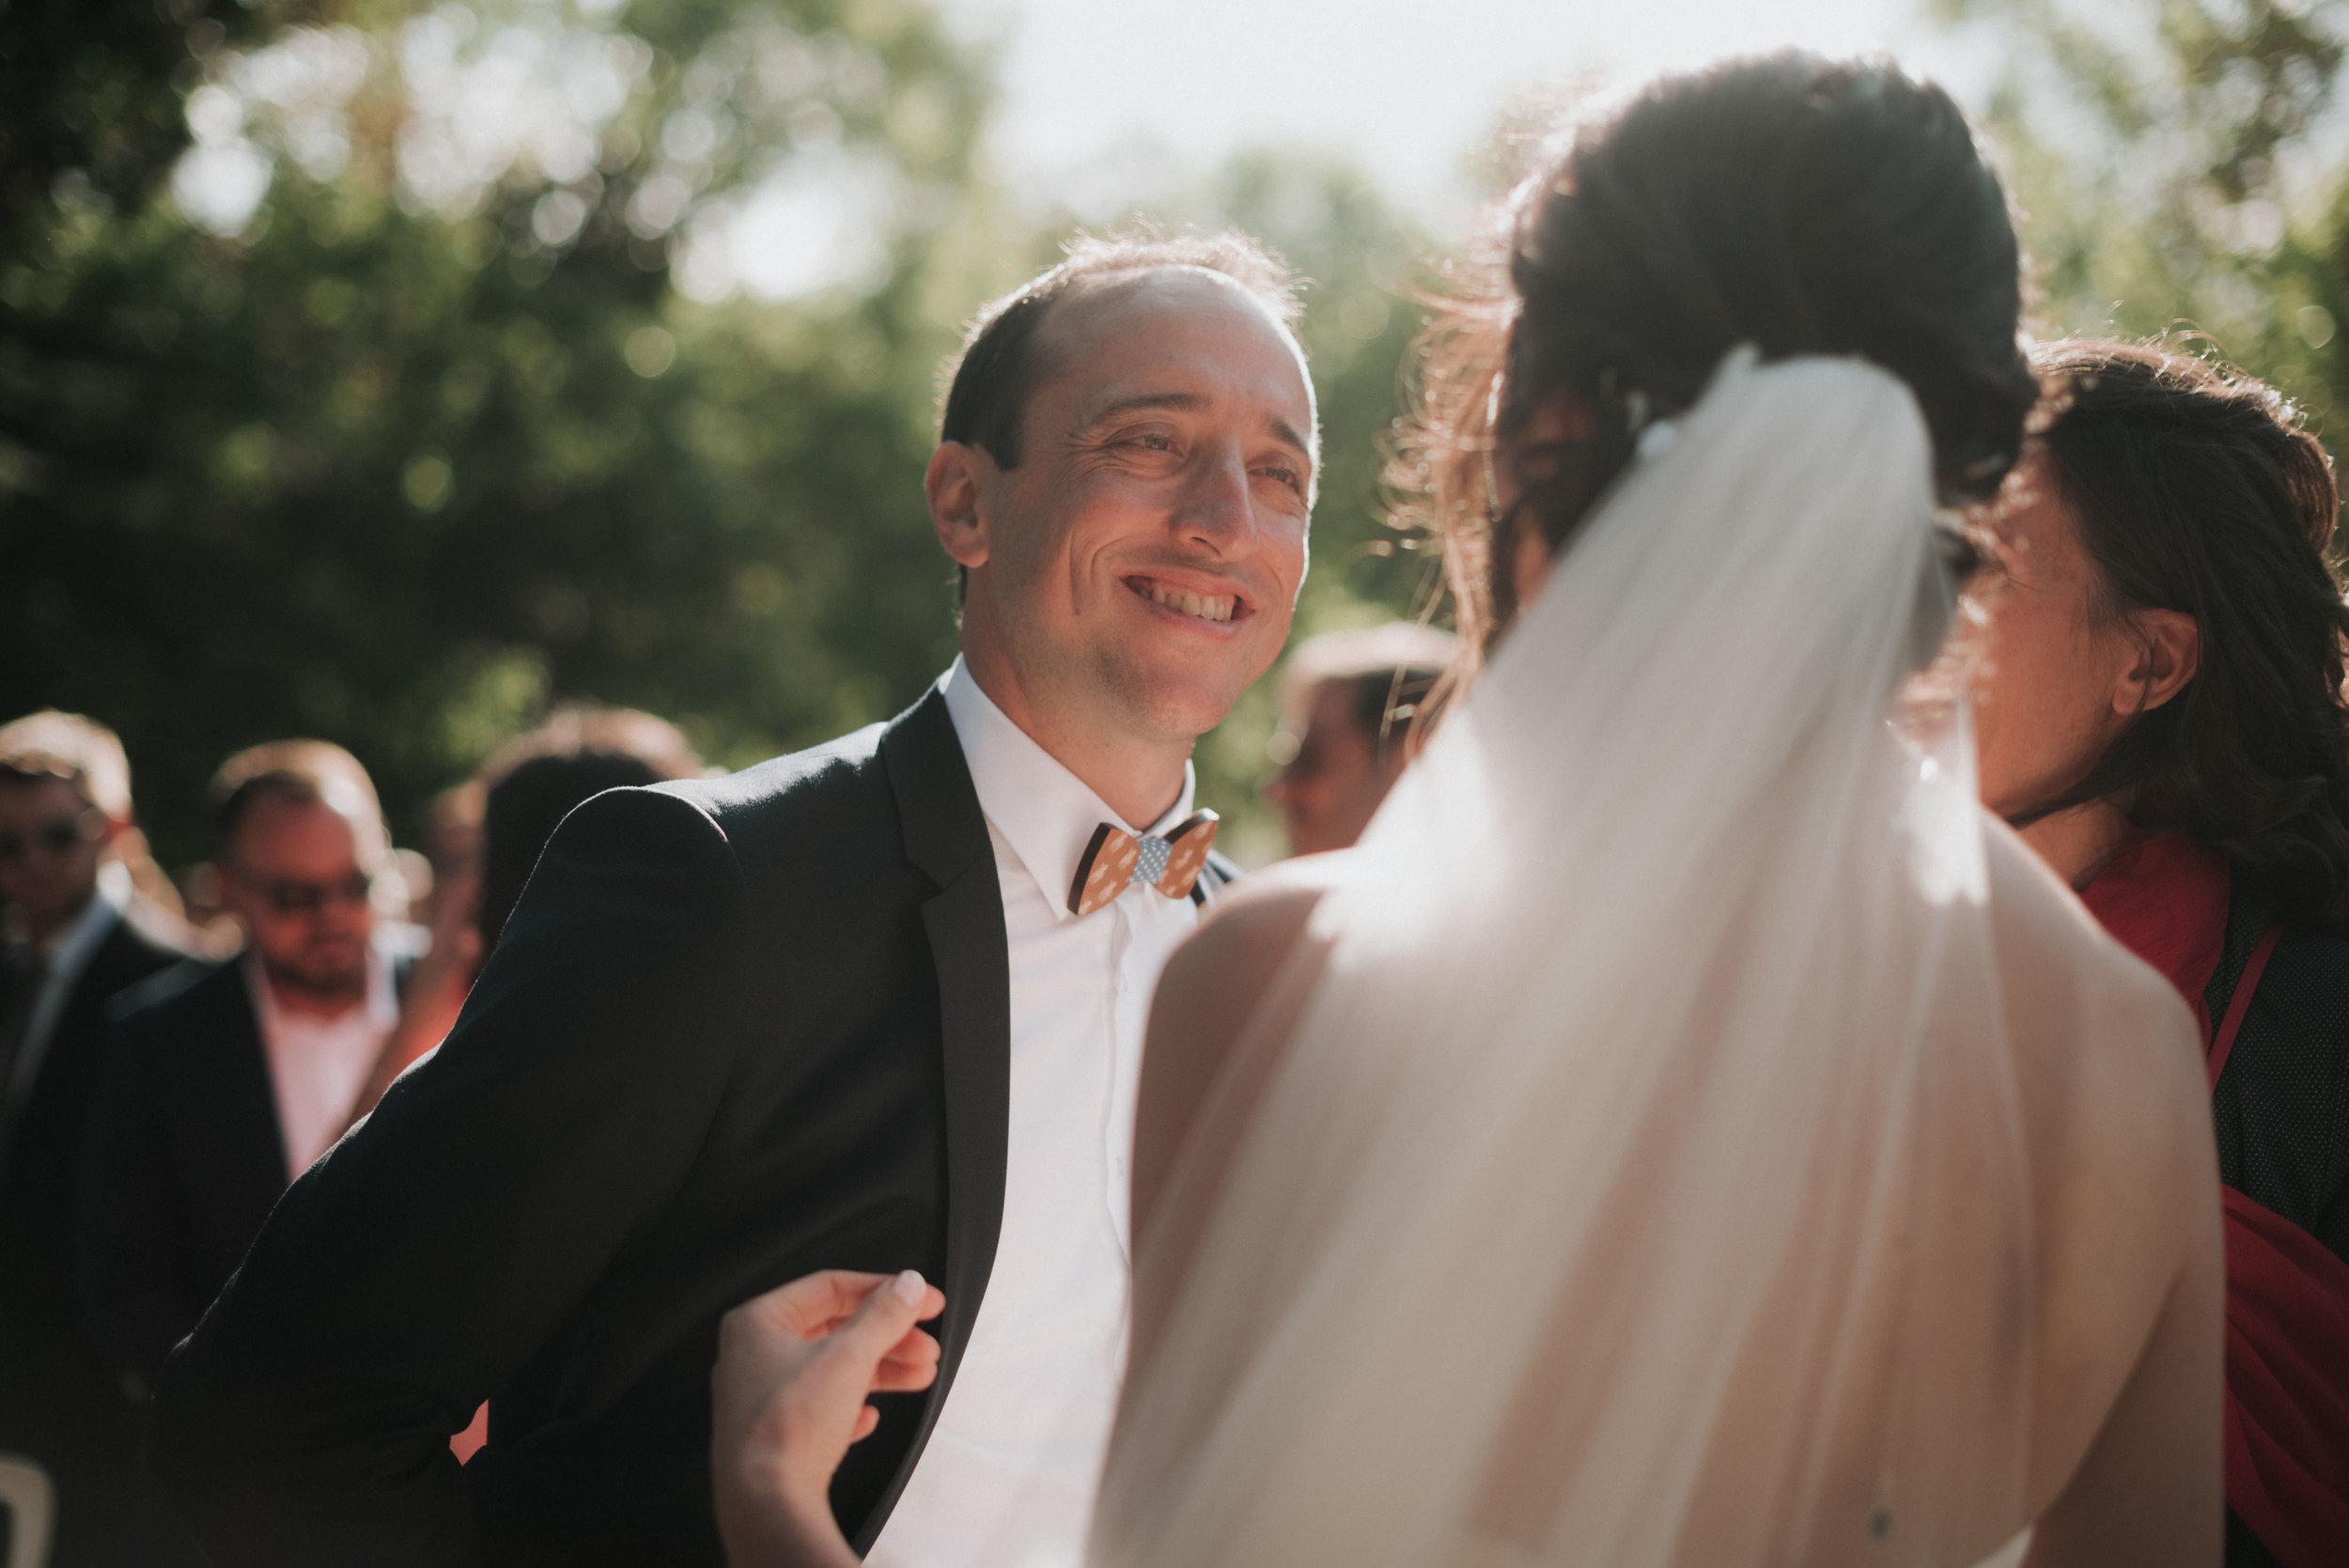 Léa-Fery-photographe-professionnel-lyon-rhone-alpes-portrait-creation-mariage-evenement-evenementiel-famille-9157.jpg